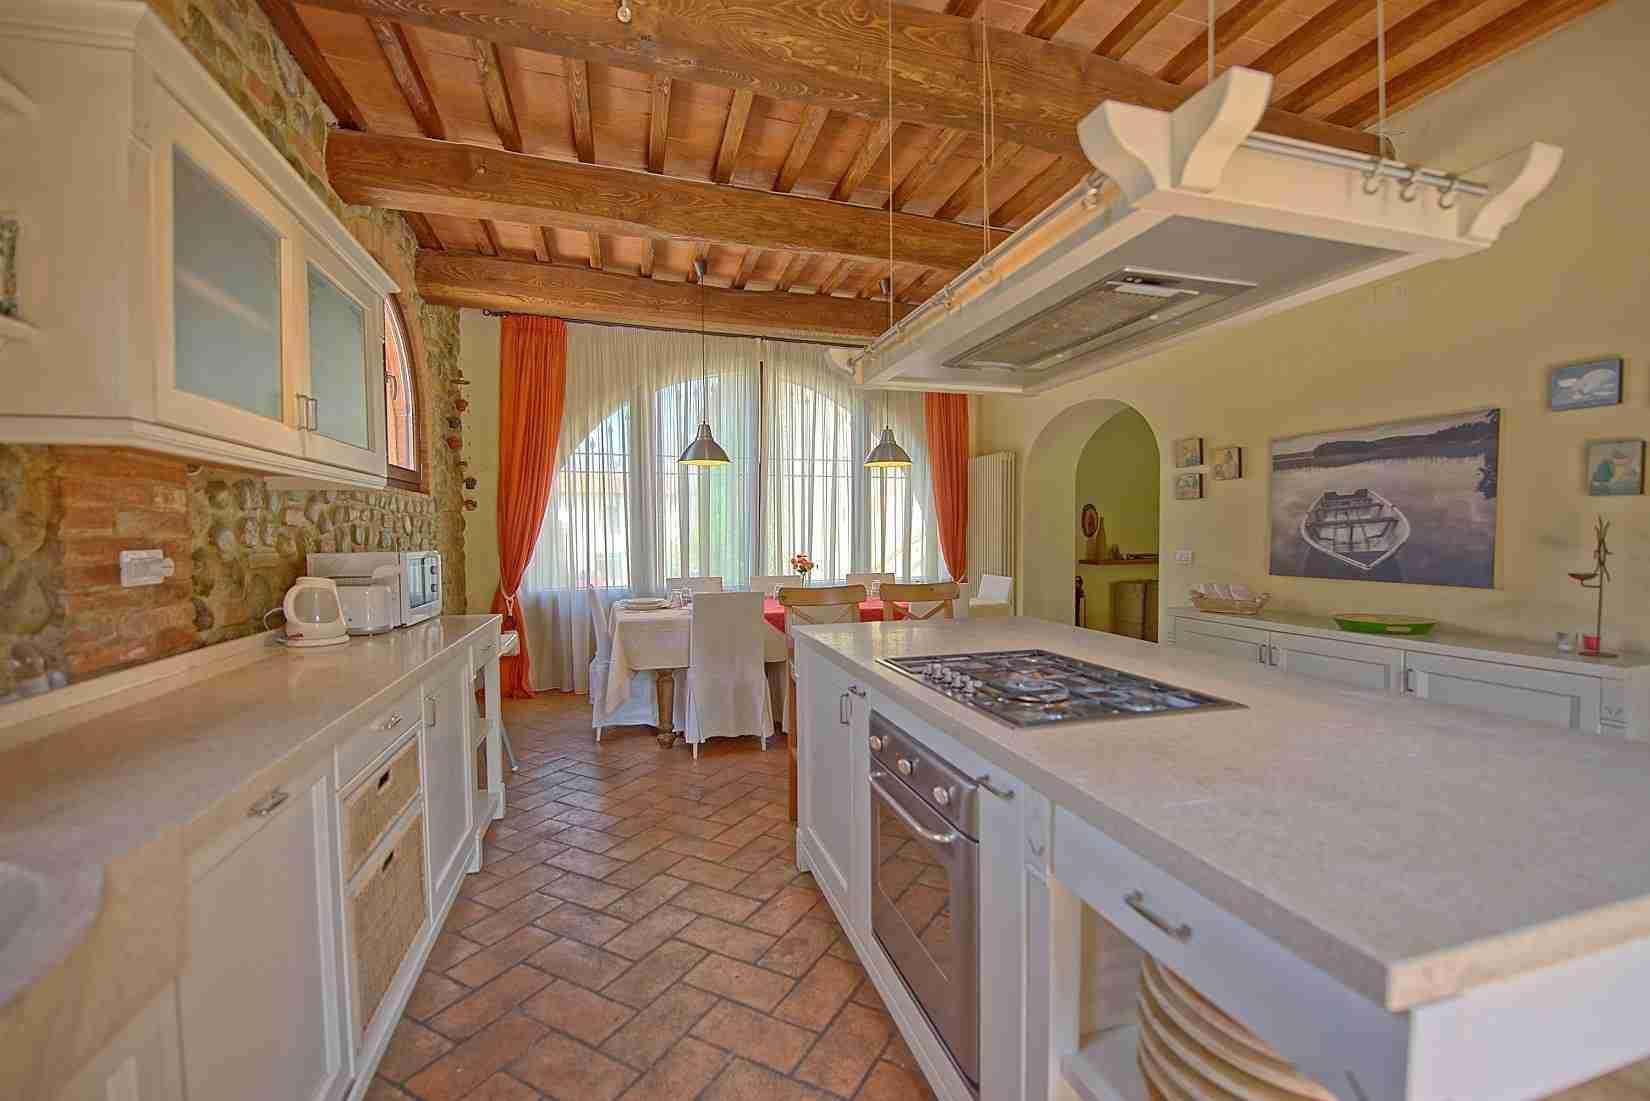 9 Ranieri kitchen